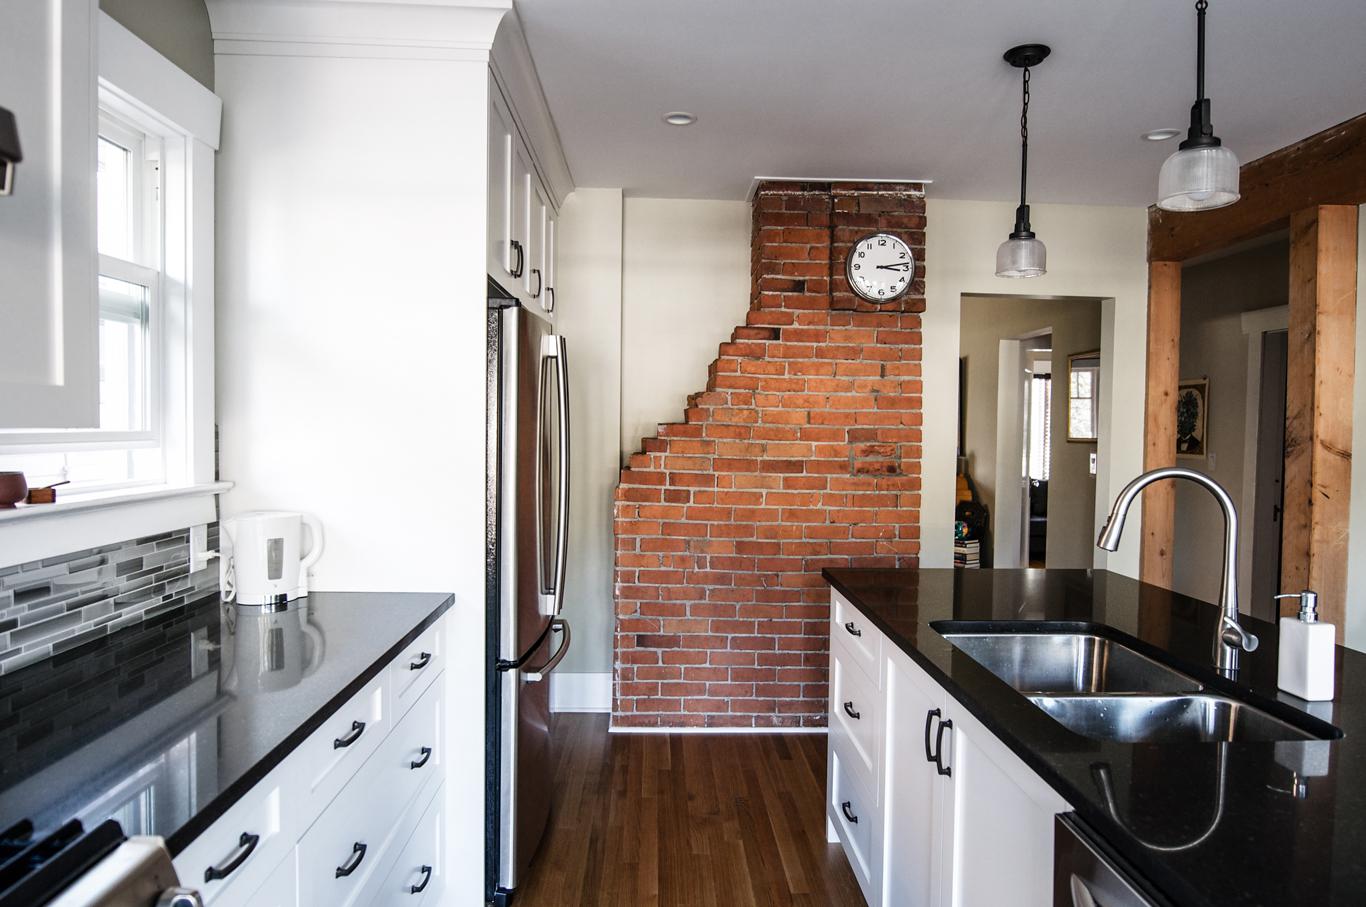 Wilson Kitchen - Modern and elegantly nostalgic - The timeless brick chimney highlights this kitchen renovation.